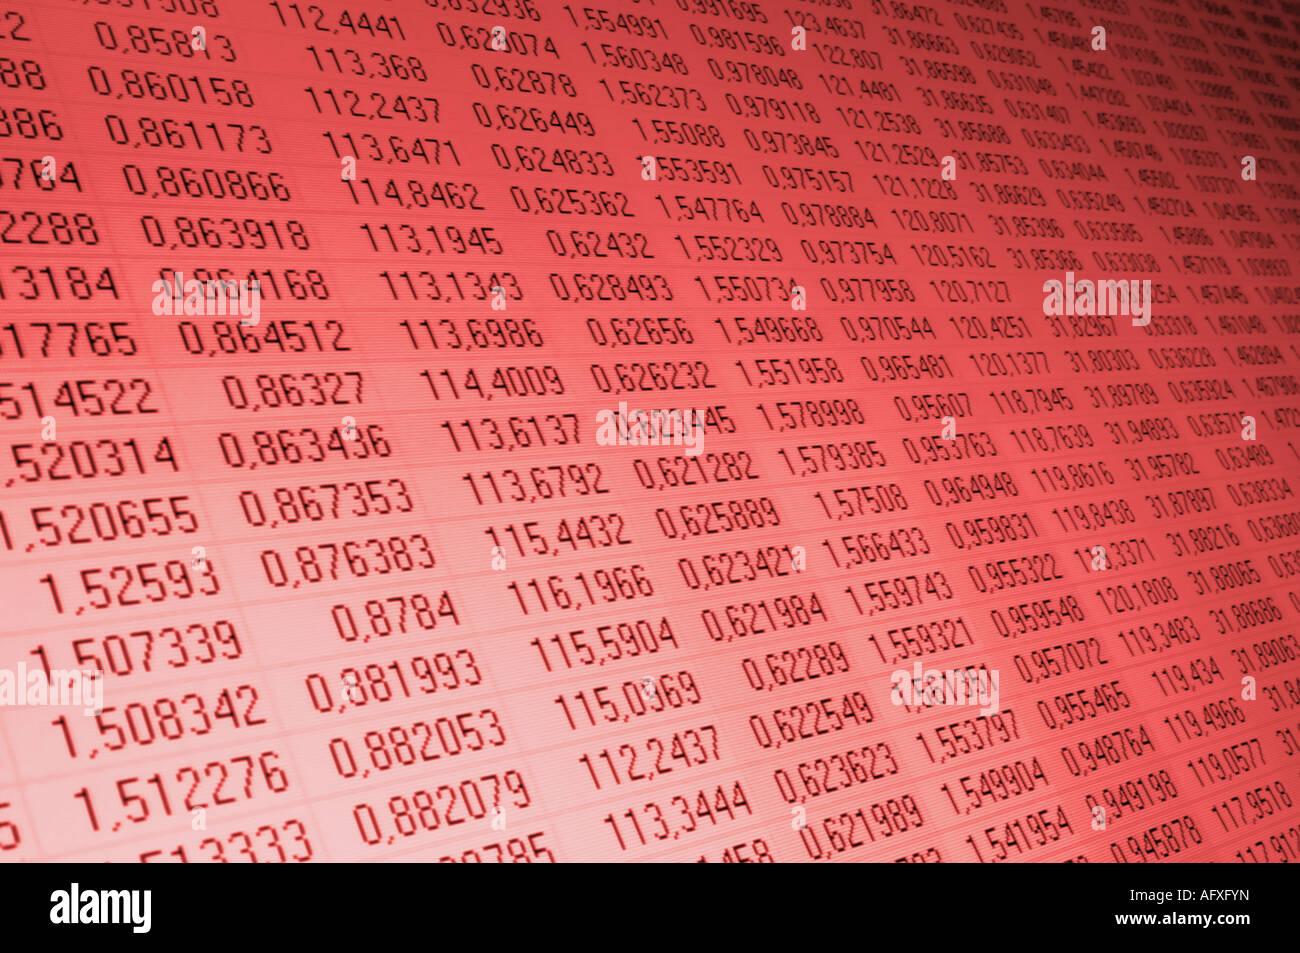 En el monitor de un ordenador números pintados en color rojo Imagen De Stock